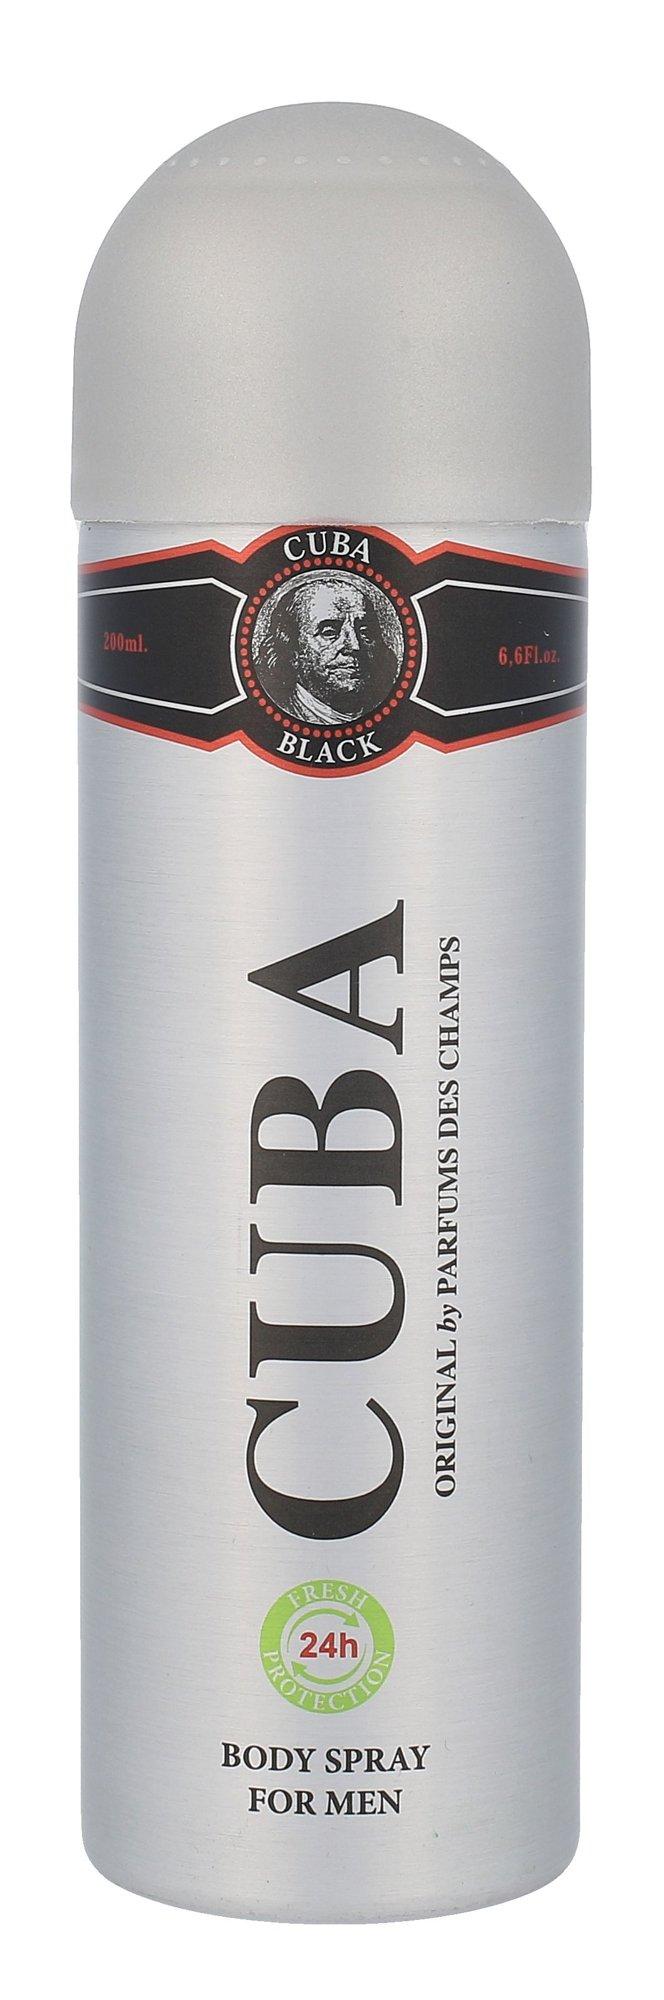 Cuba Black Deodorant 200ml